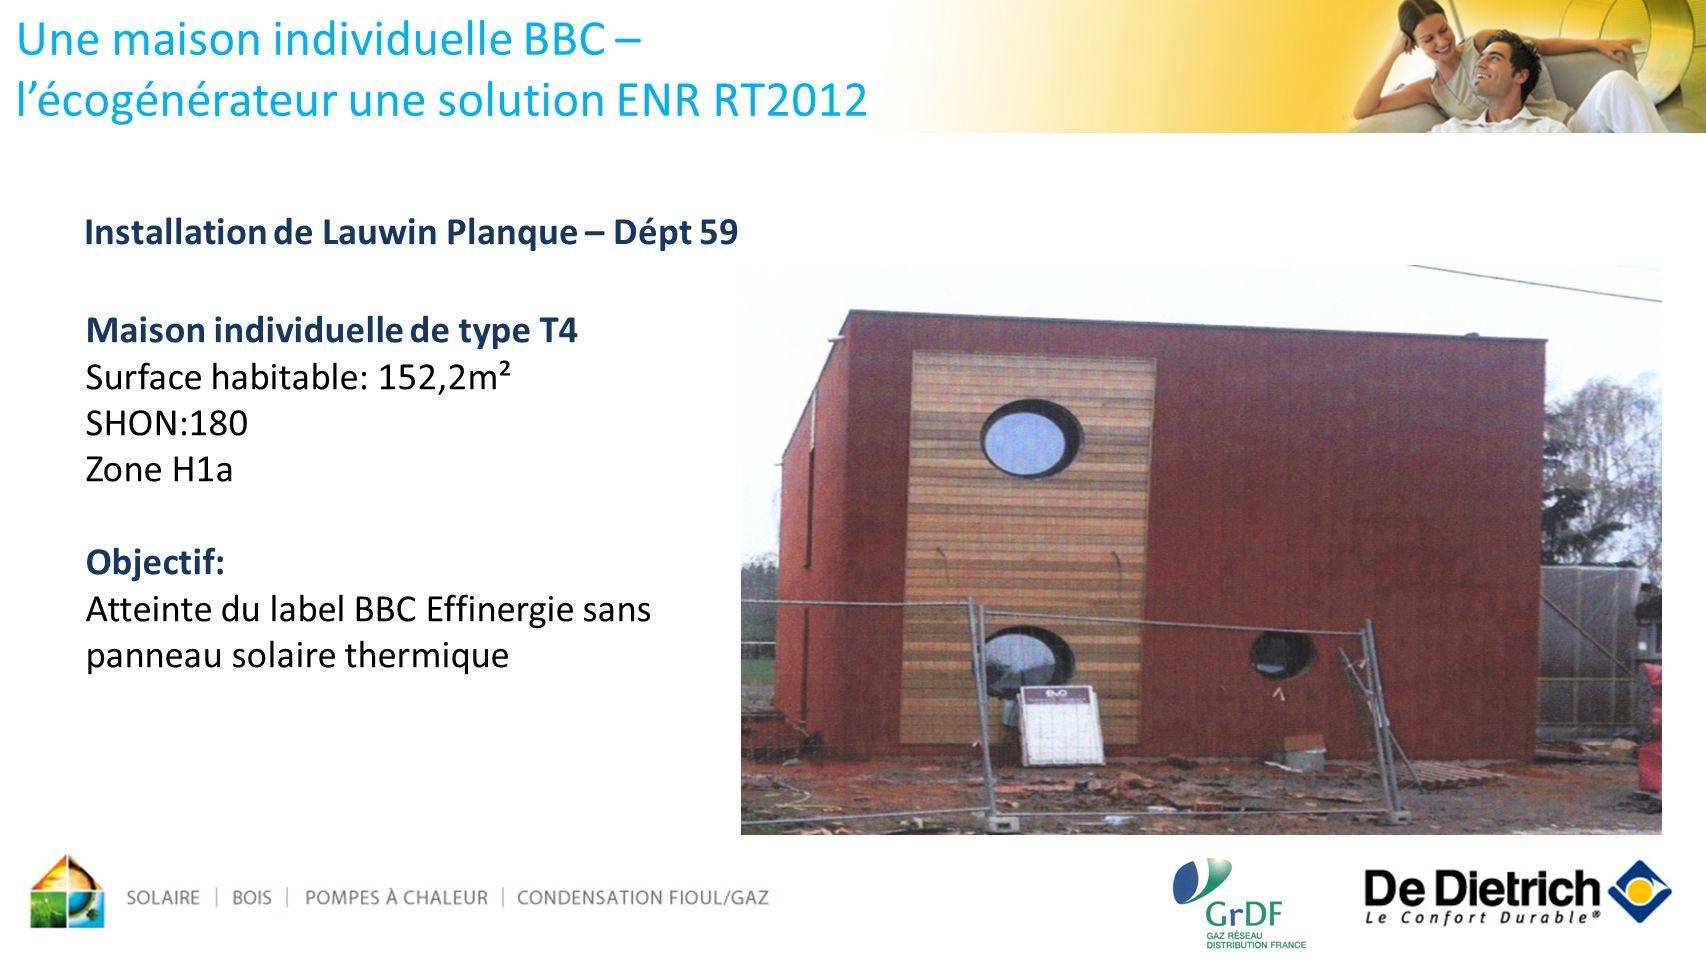 Une maison individuelle BBC – lécogénérateur une solution ENR RT2012 Maison individuelle de type T4 Surface habitable: 152,2m² SHON:180 Zone H1a Objec